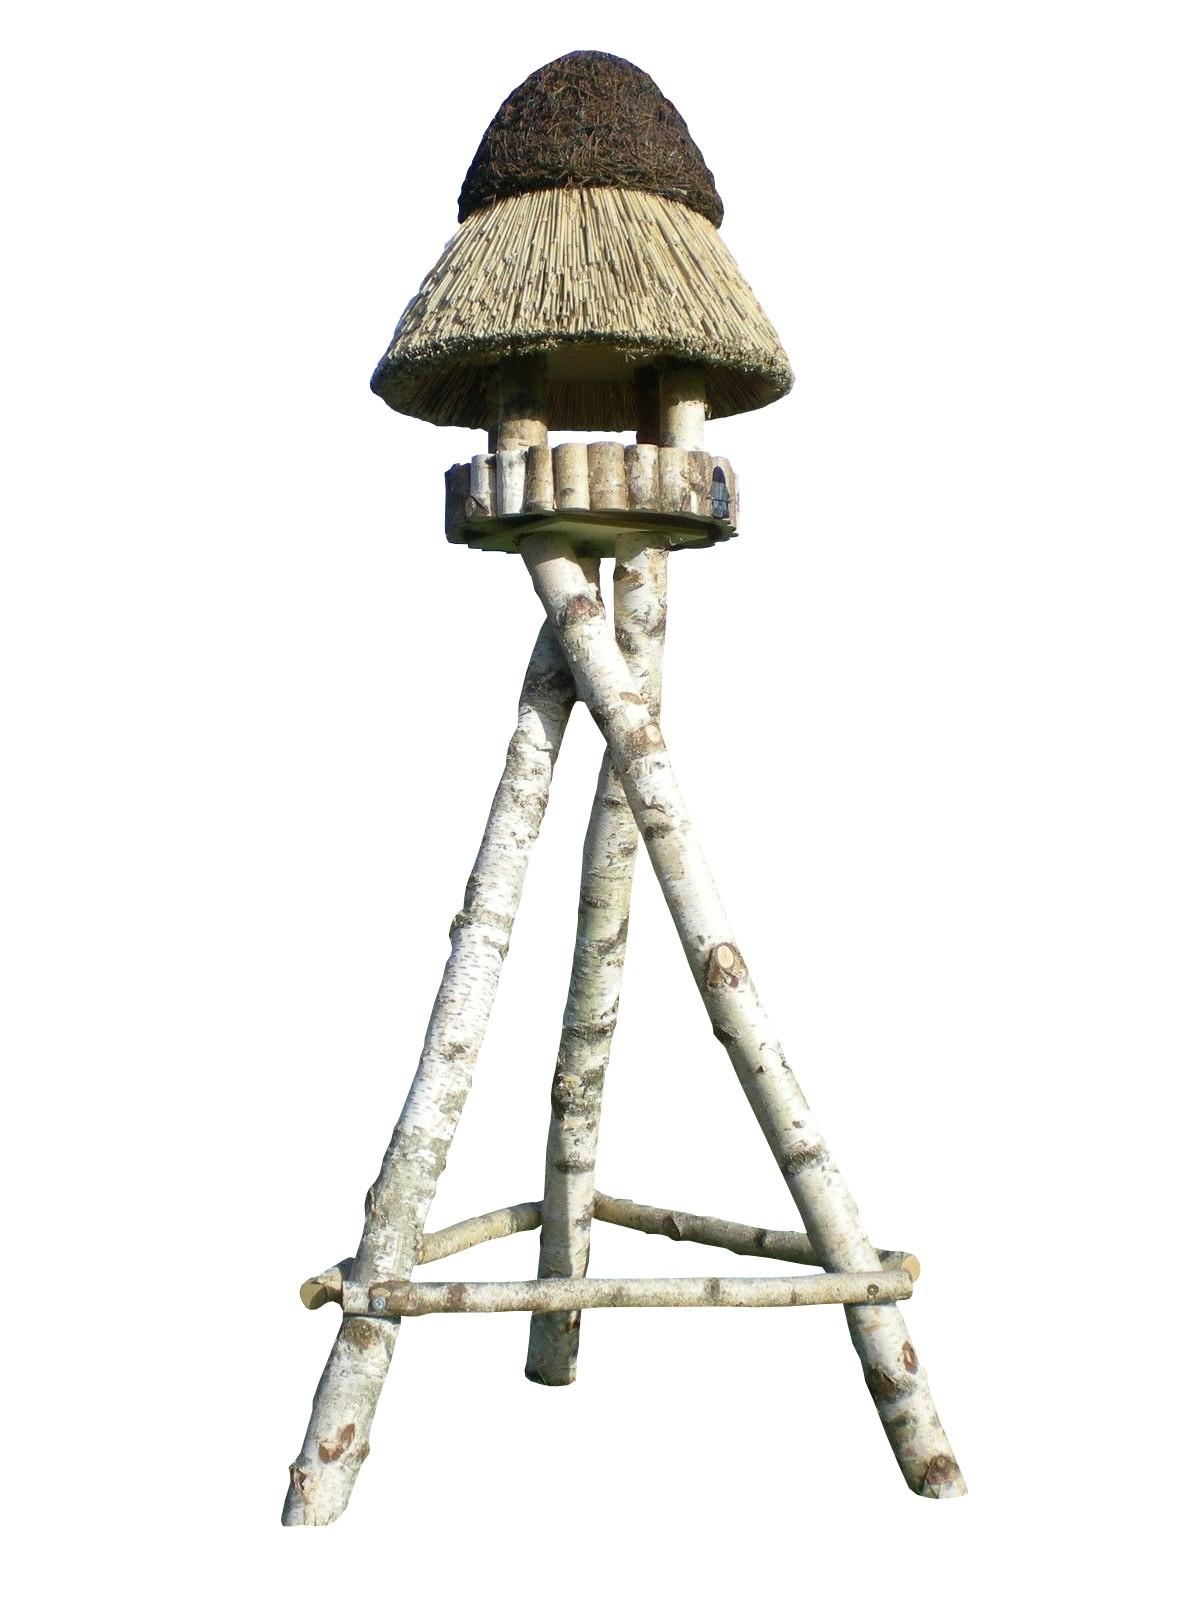 Pillau Birke mit Ständer Reetdach Vogelhaus